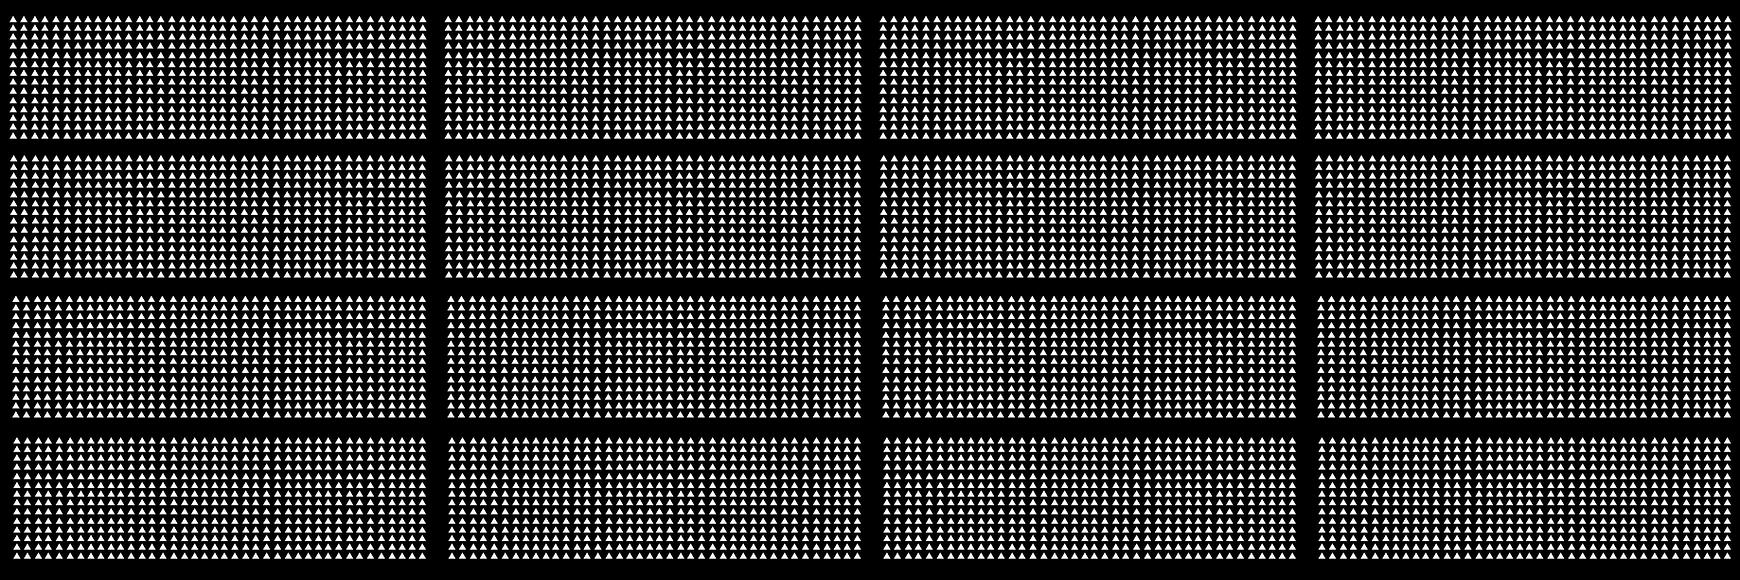 700k website graphic - 12,000 marks.png